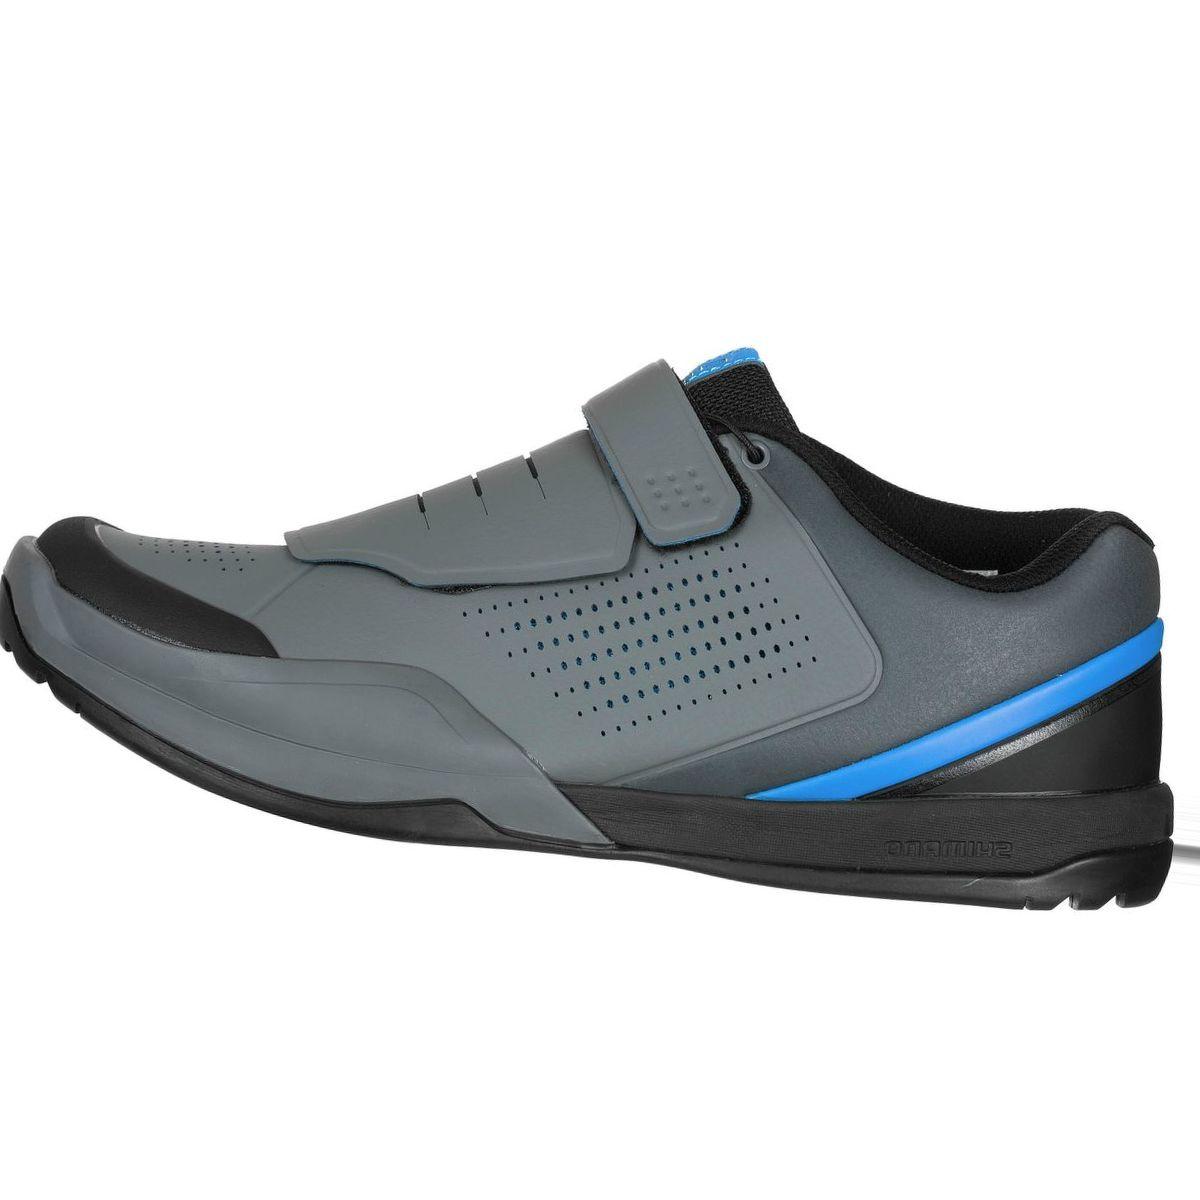 Shimano SH-AM9 Bike Cycling Shoe - Men's